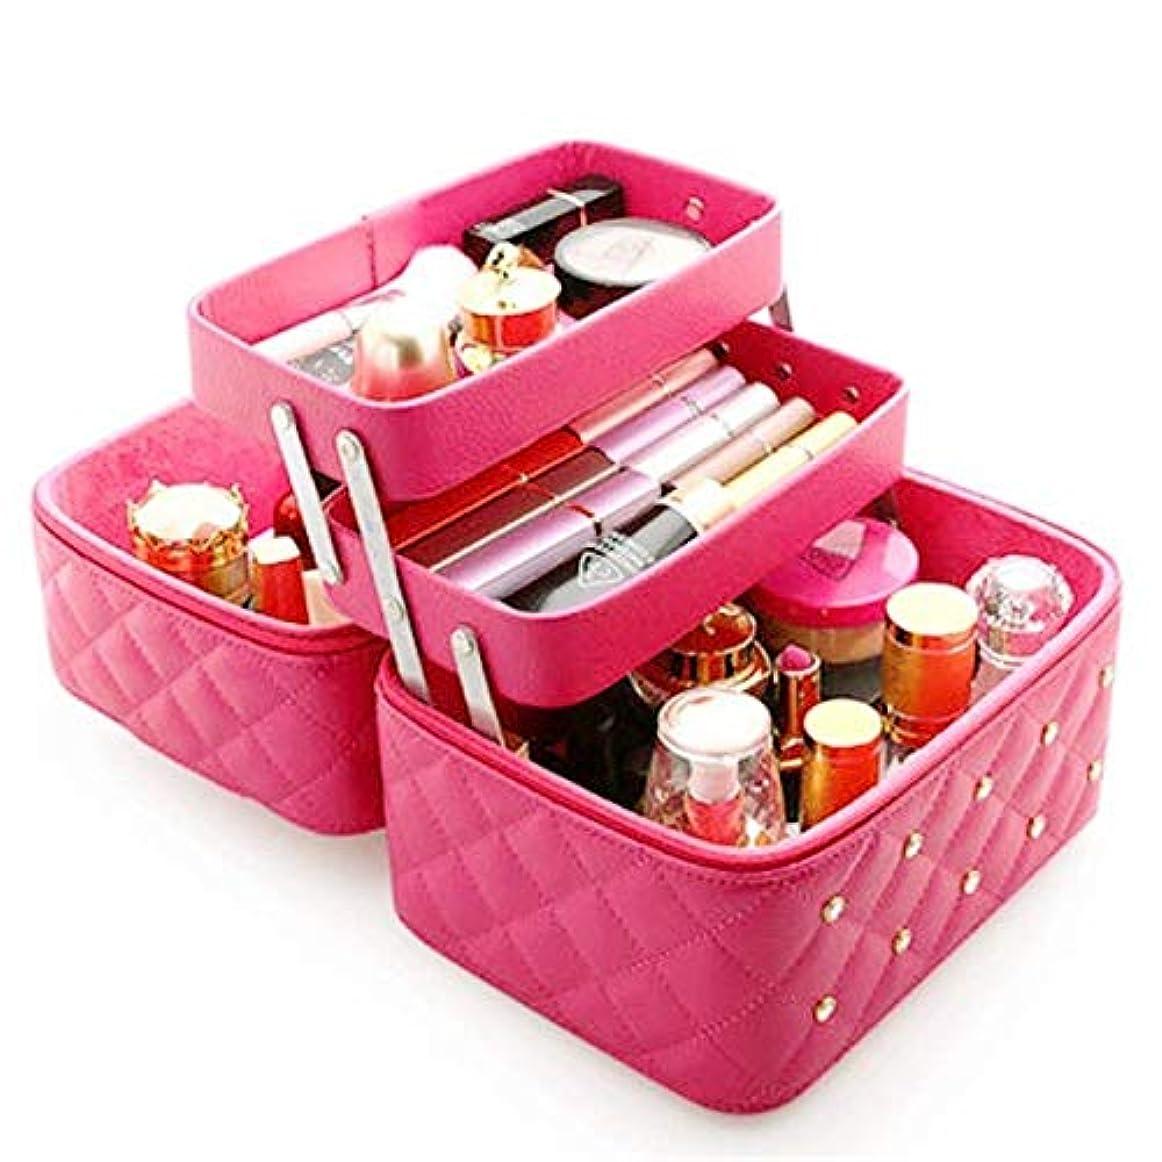 寓話白鳥受け入れる持ち運びできる メイクボックス 大容量 取っ手付き コスメボックス 化粧品収納ボックス 収納ケース 小物入れ (ピンク)